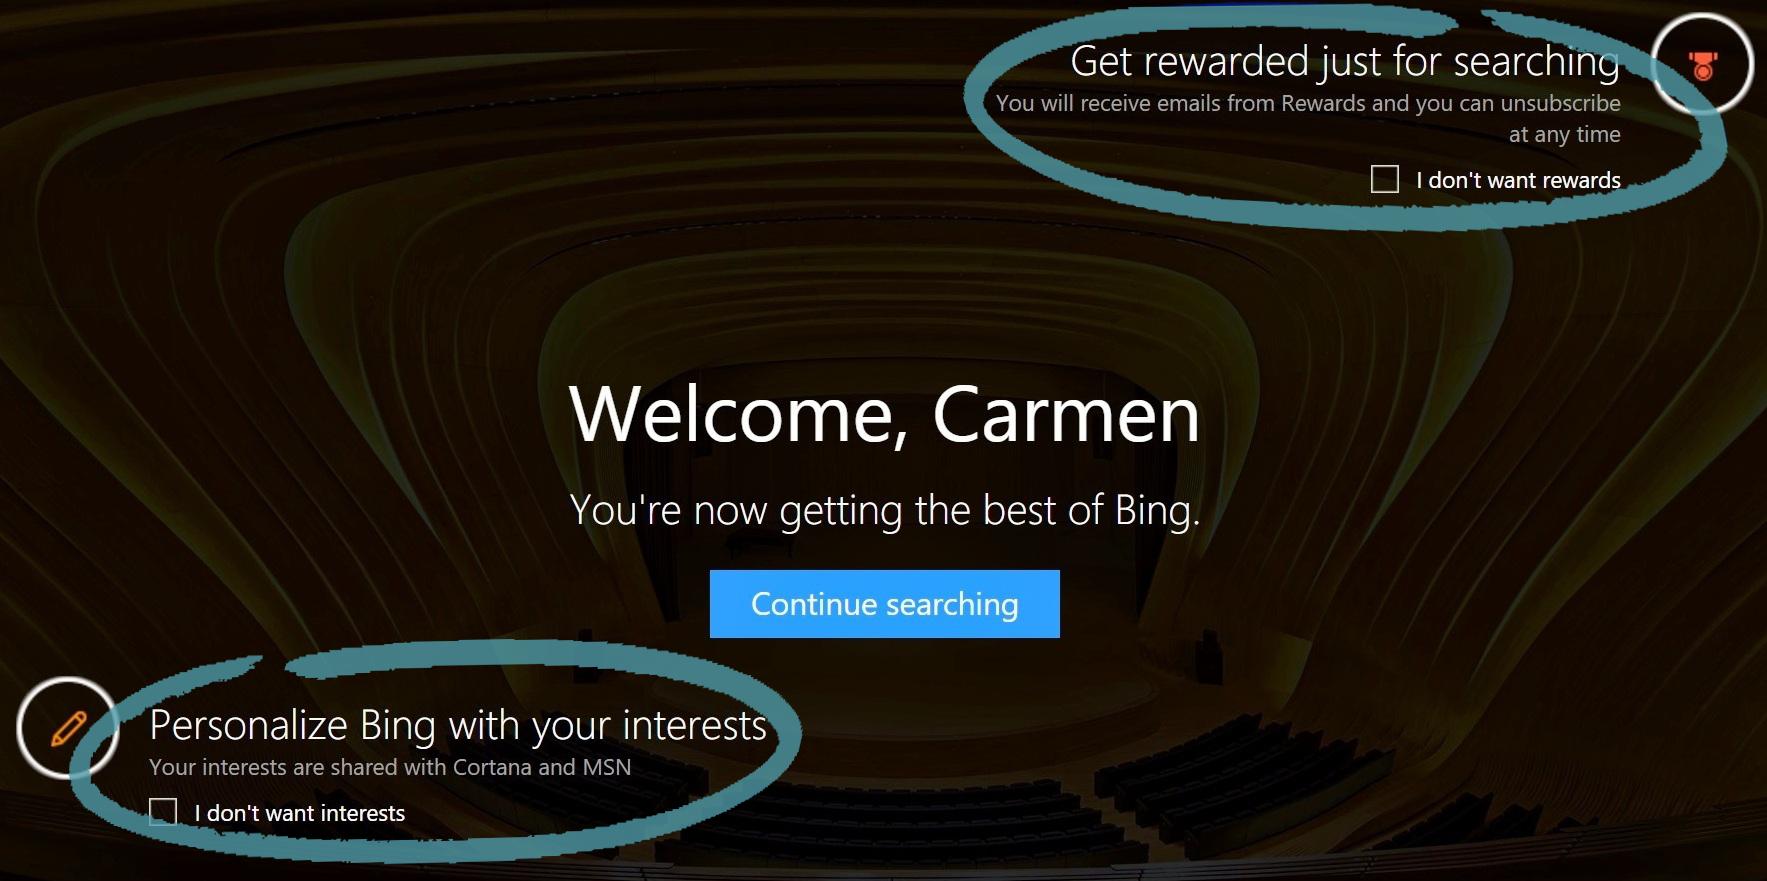 Home page do Bing com a opção de aceitar Premiações e Interesses